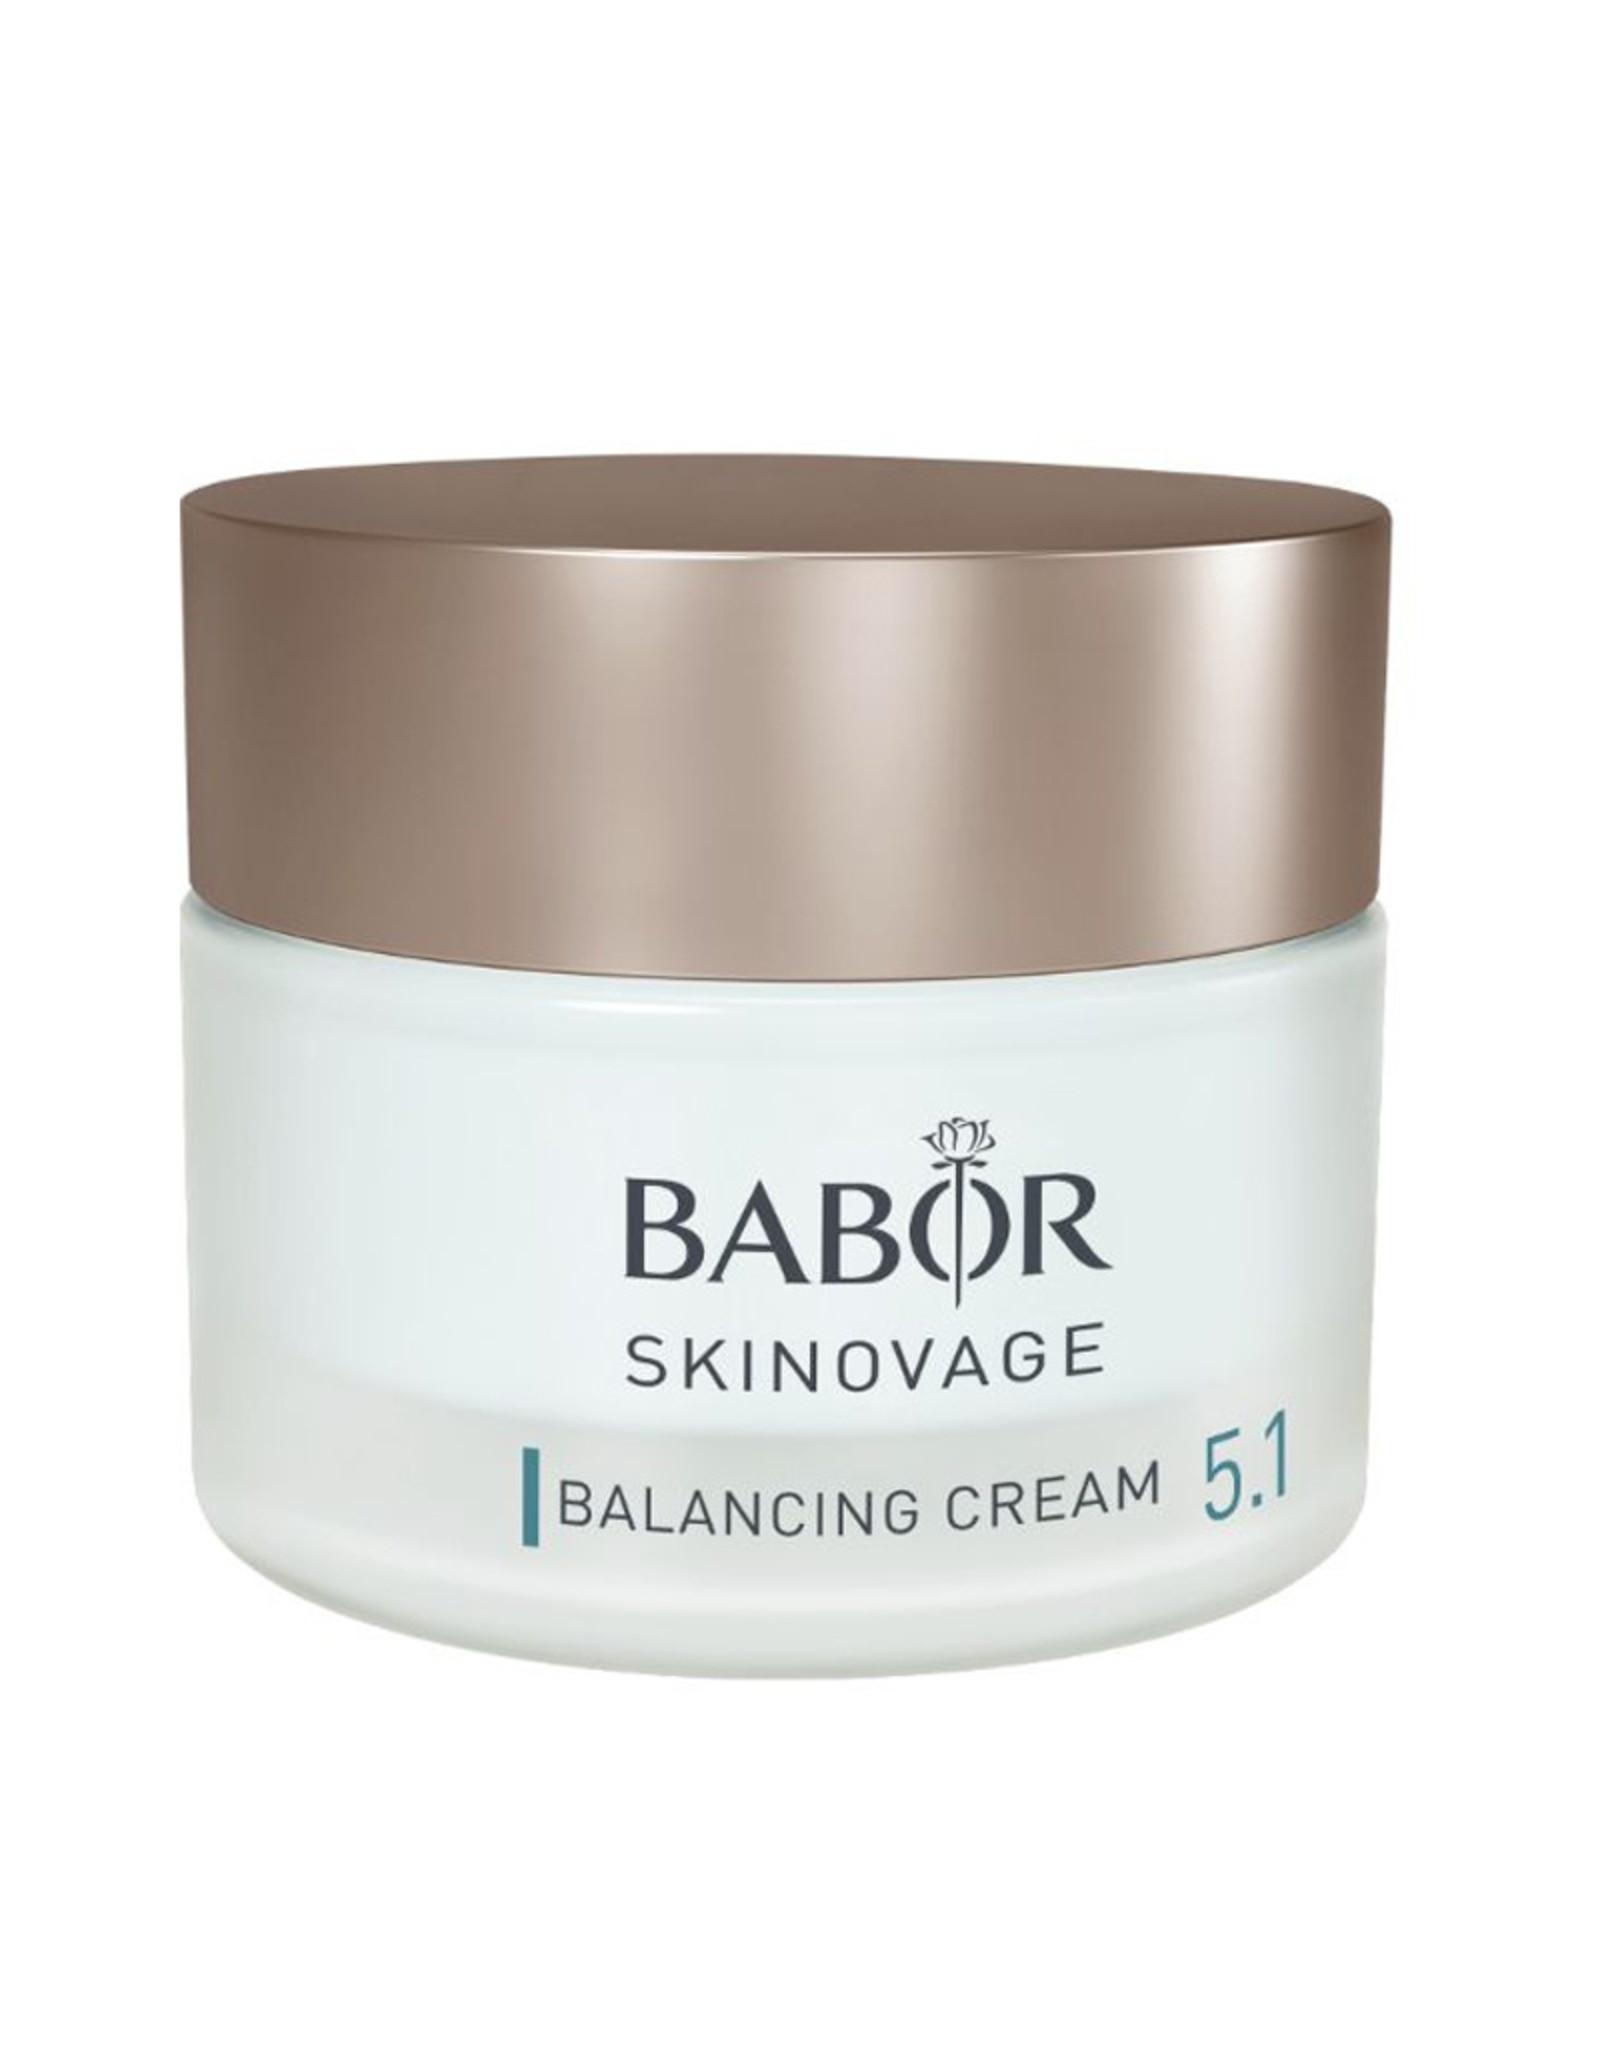 BABOR SKINOVAGE BALANCING CREAM 5.1 50 ML